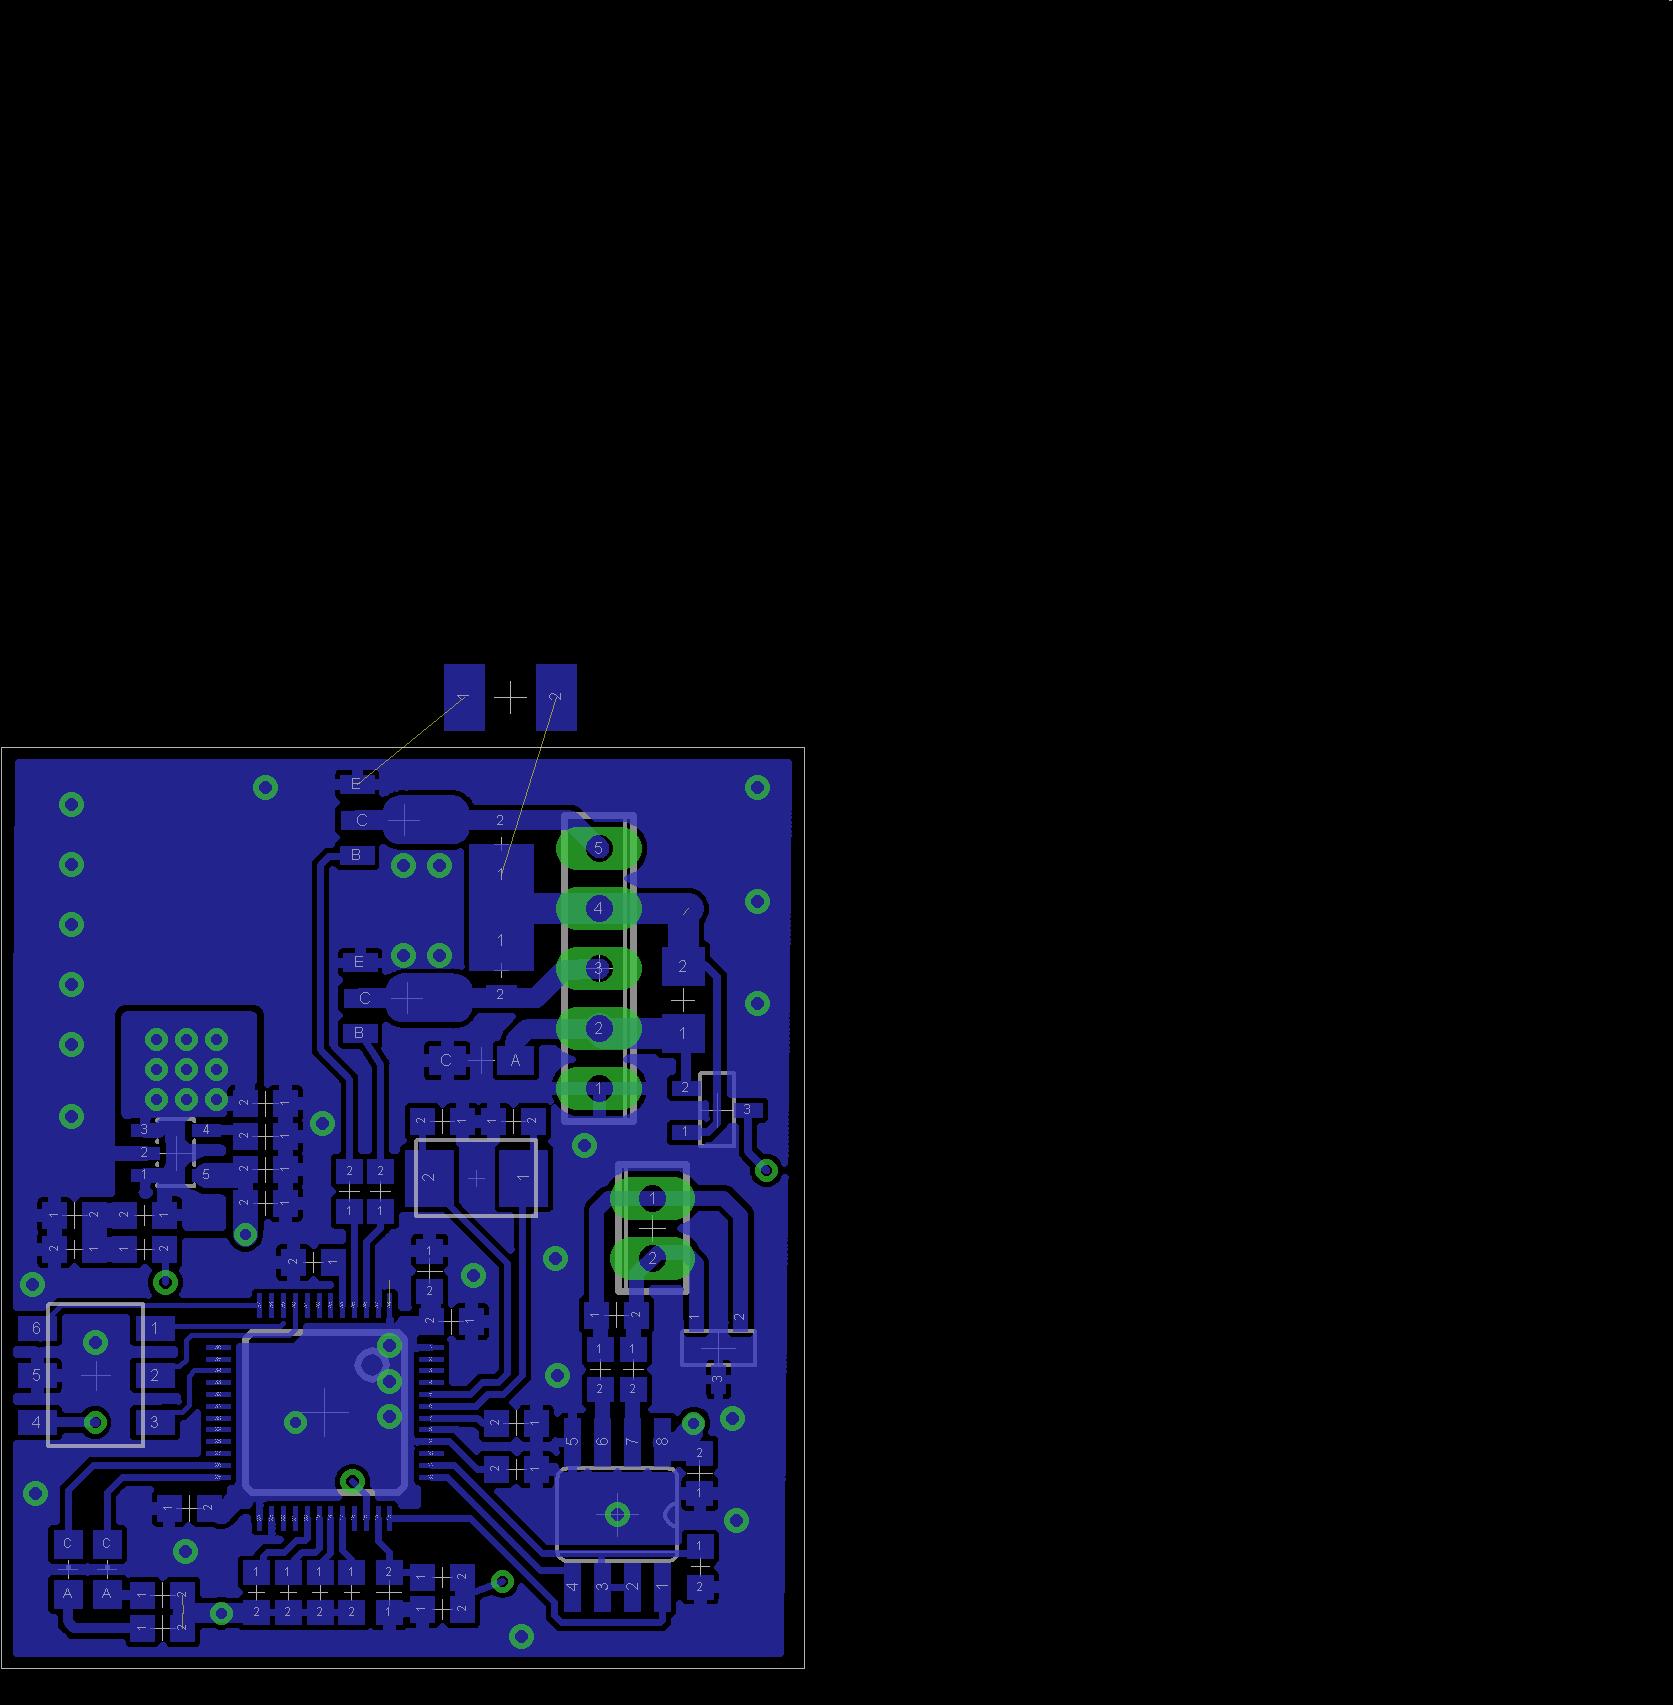 Inventer Lüfter Ansteuerung - Mikrocontroller.net